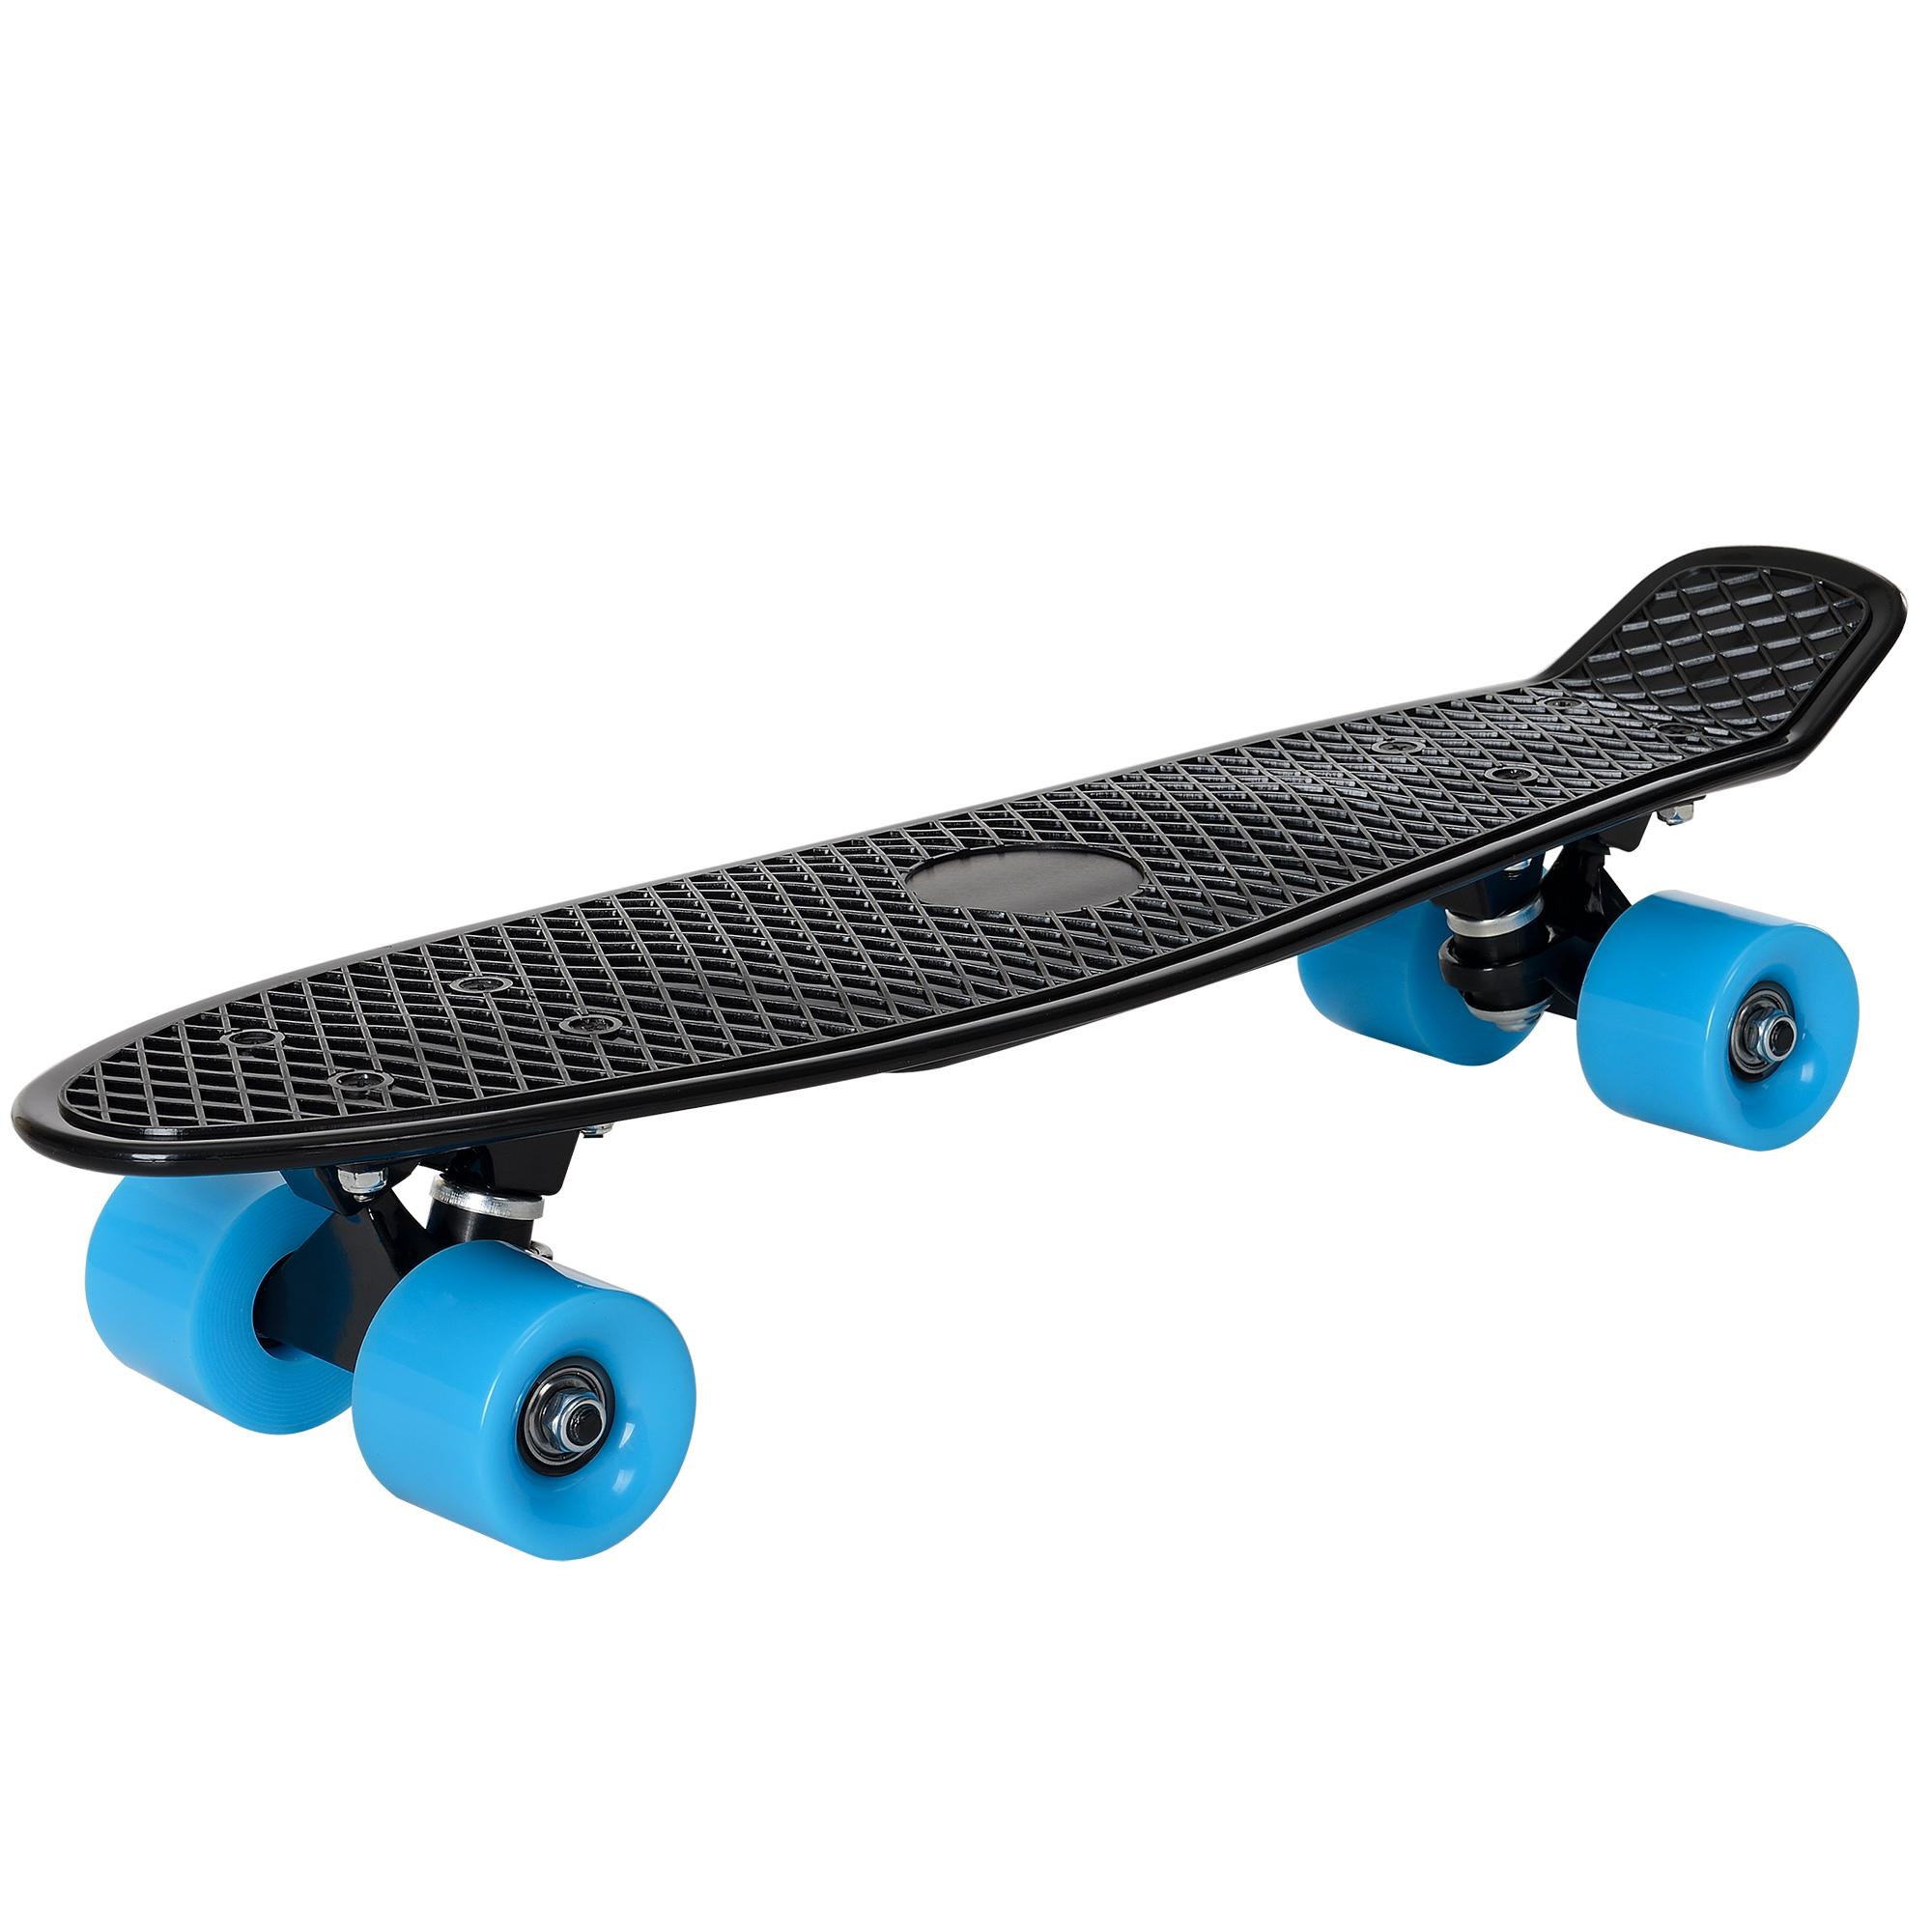 [pro.tec]® Retro Skateboard mini - penny board ABEC 7 - černá s modrými kolečky